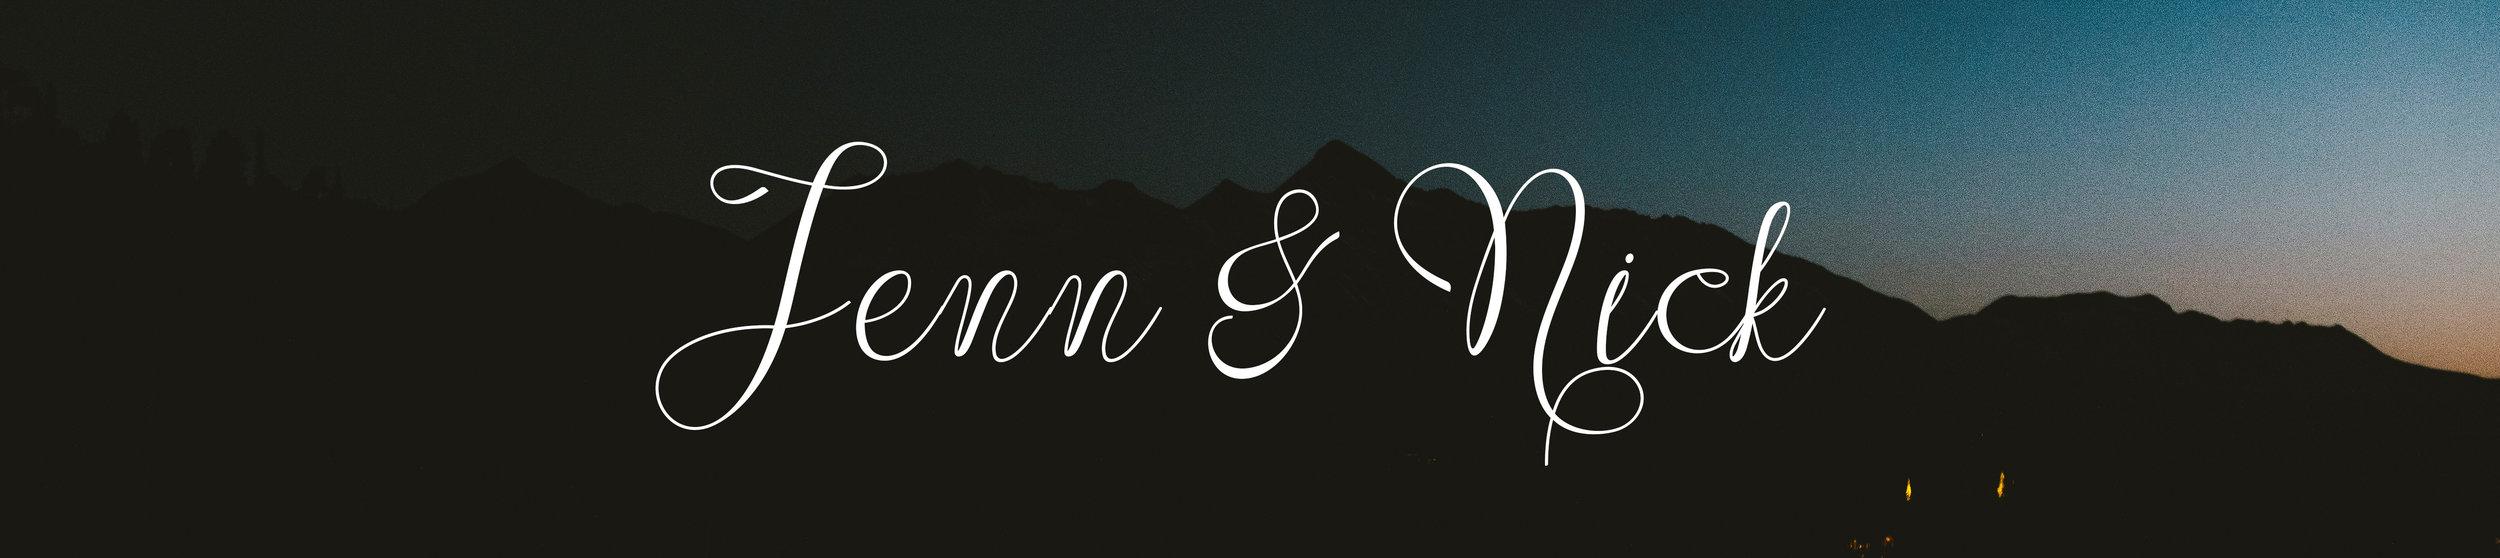 Jenn-&-Nick-Banner.jpg